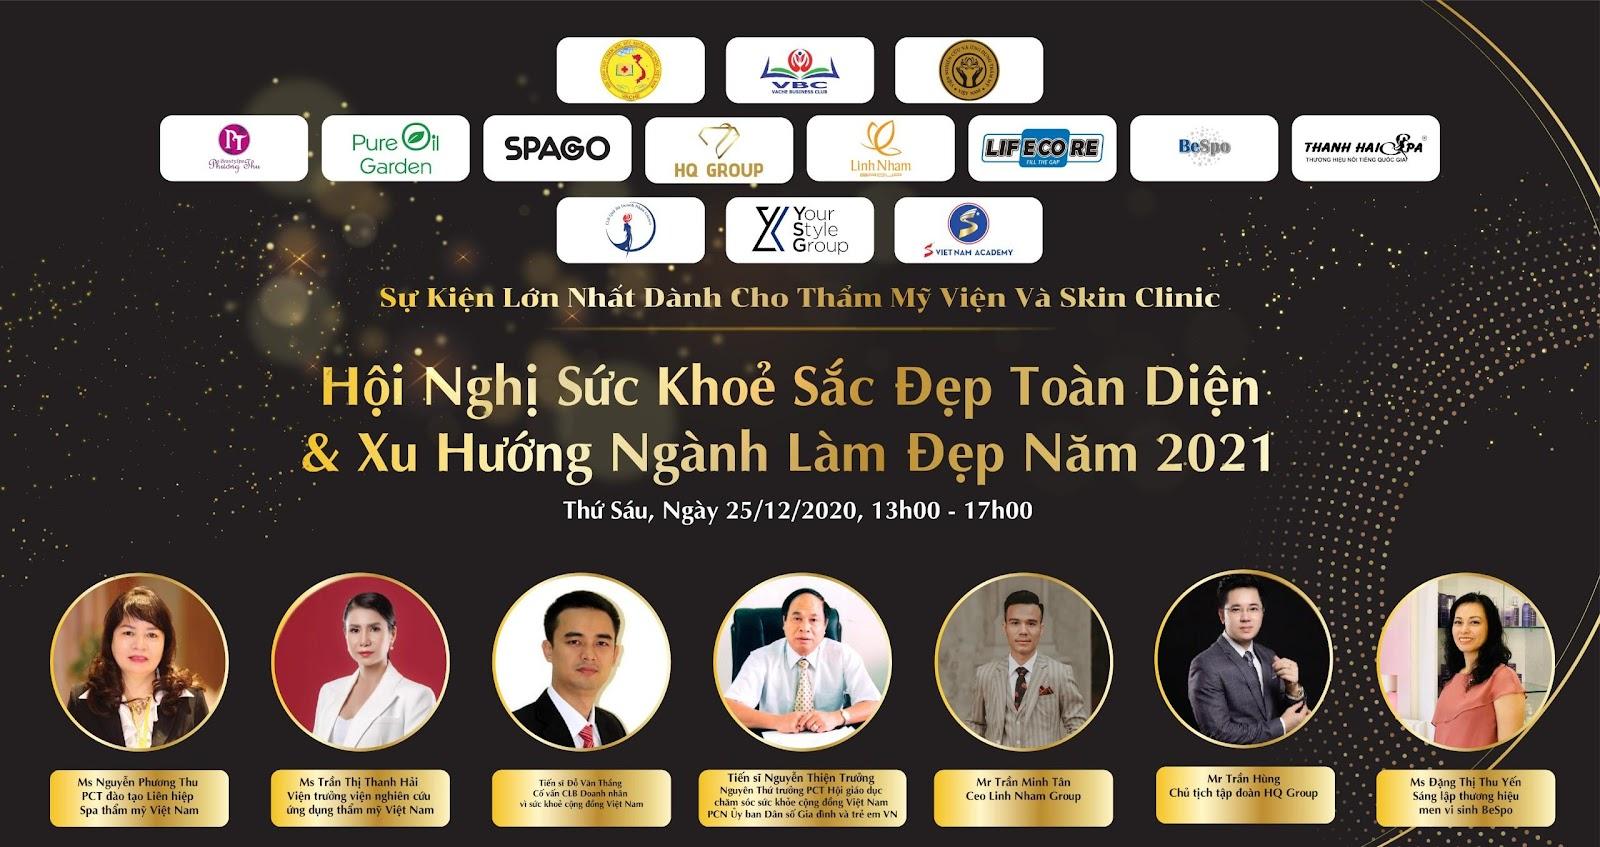 Linh Nham Group – Nhà tài trợ Kim cương tại Hội nghị sức khỏe sắc đẹp toàn diện và xu hướng ngành làm đẹp 2021 - Ảnh 1